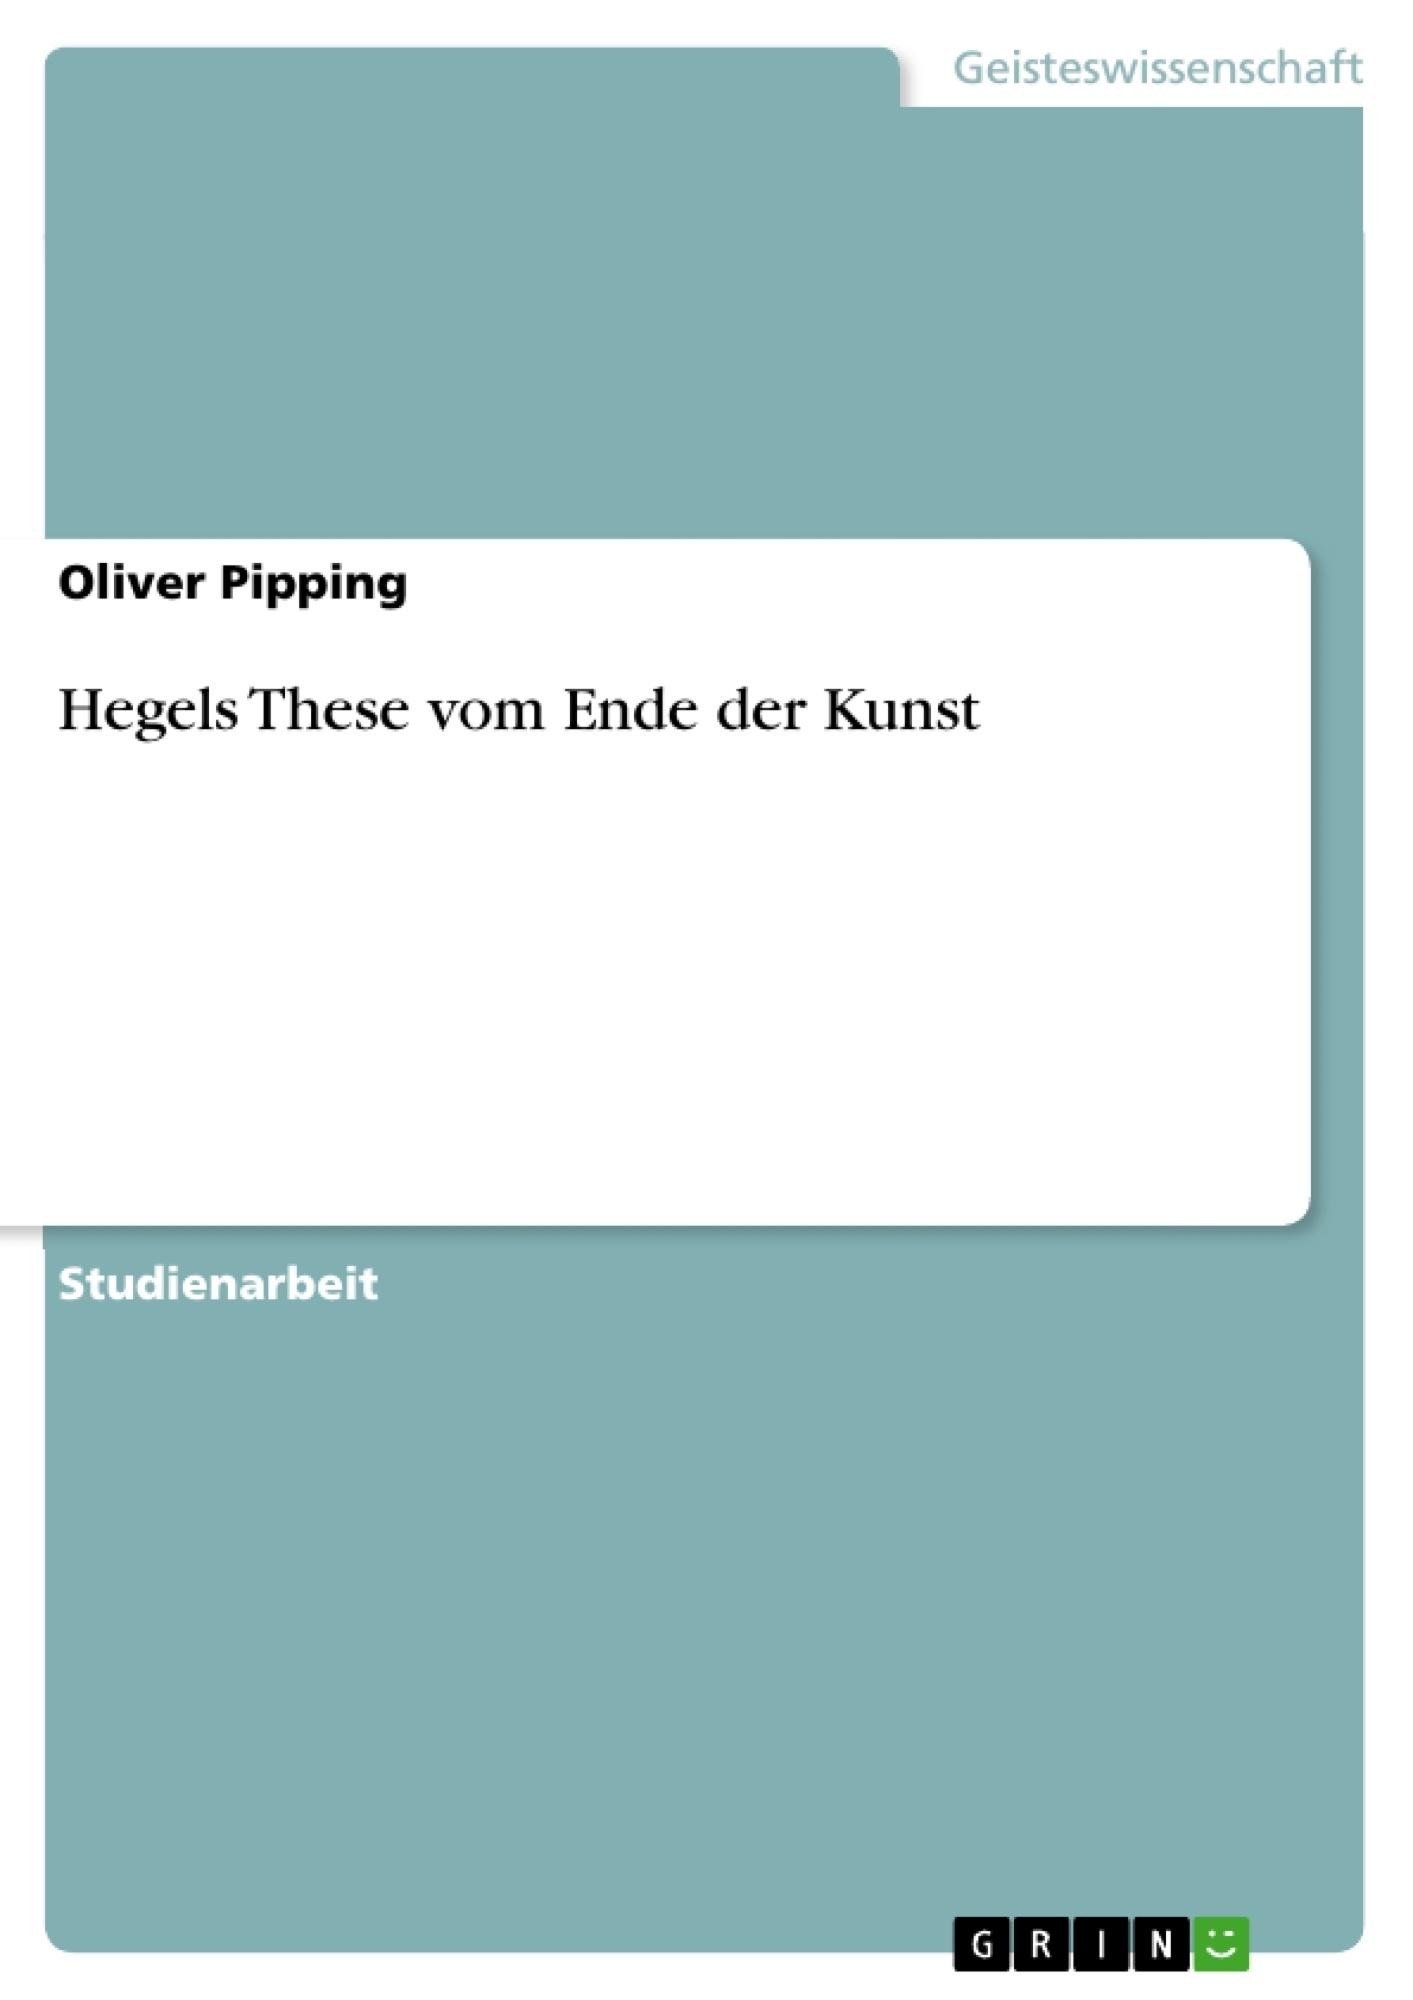 Titel: Hegels These vom Ende der Kunst